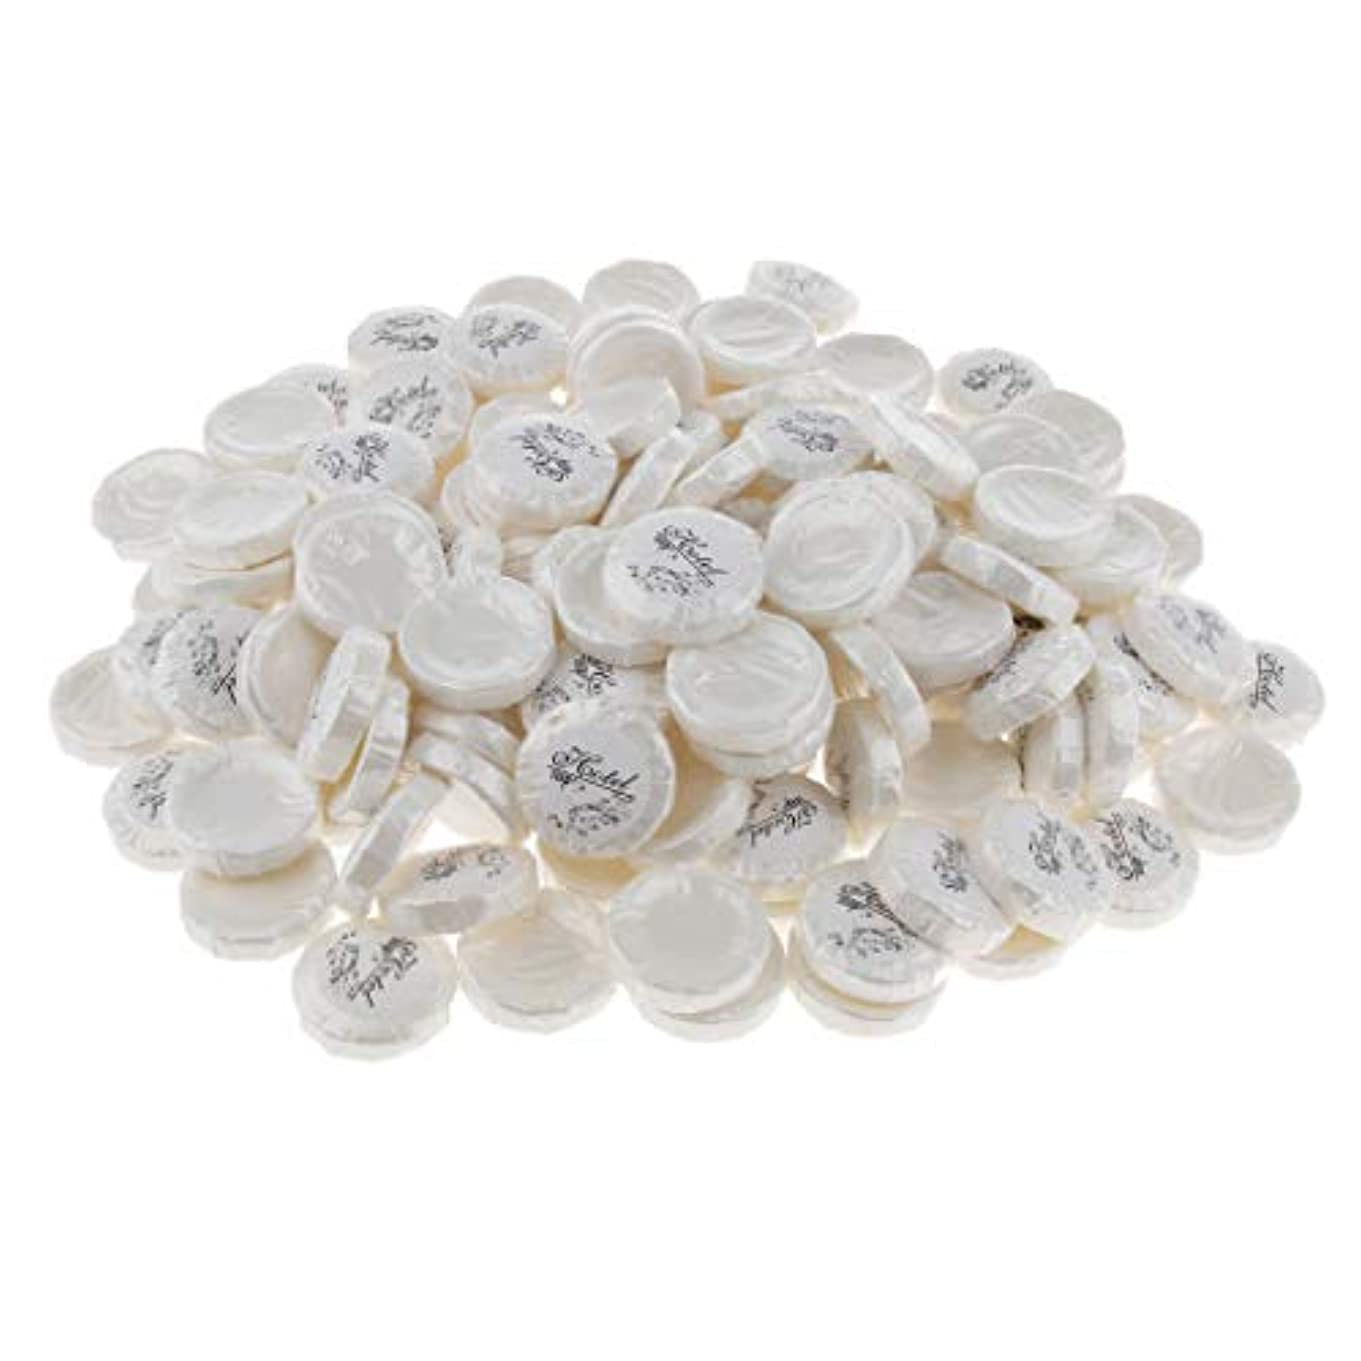 排泄する瞑想指紋Hellery 石鹸 無添加 洗顔石鹸 植物油 軽い香り 清潔 リフレッシュ ミニサイズ 携帯 旅行用 約150個 - 9g